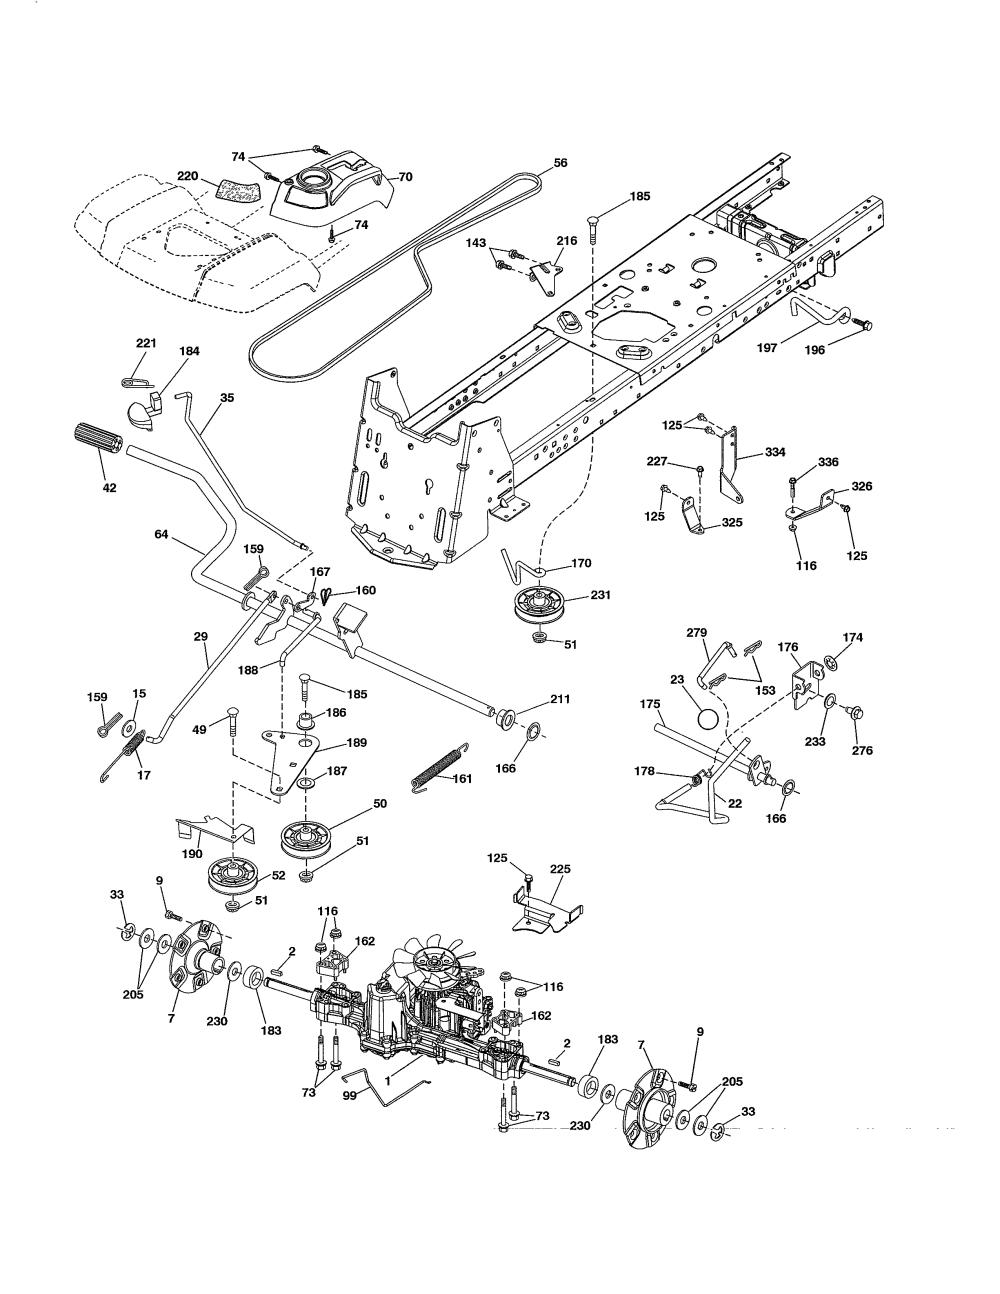 medium resolution of husqvarna lgt2654 96043018300 drive diagram